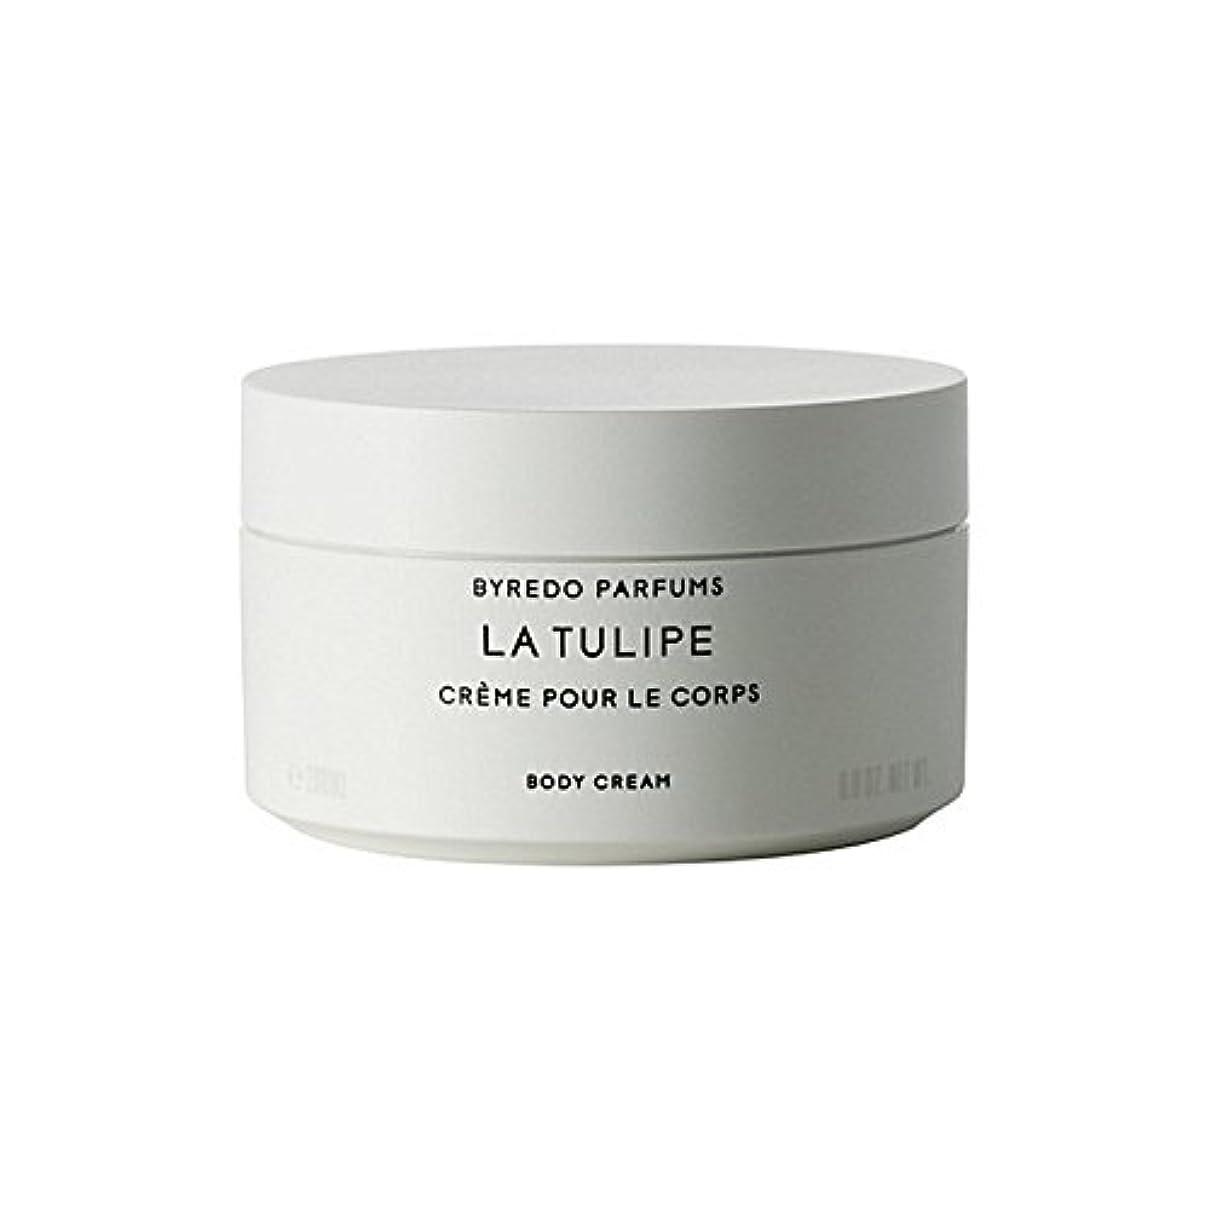 ラチューリップボディクリーム200ミリリットル x2 - Byredo La Tulipe Body Cream 200ml (Pack of 2) [並行輸入品]